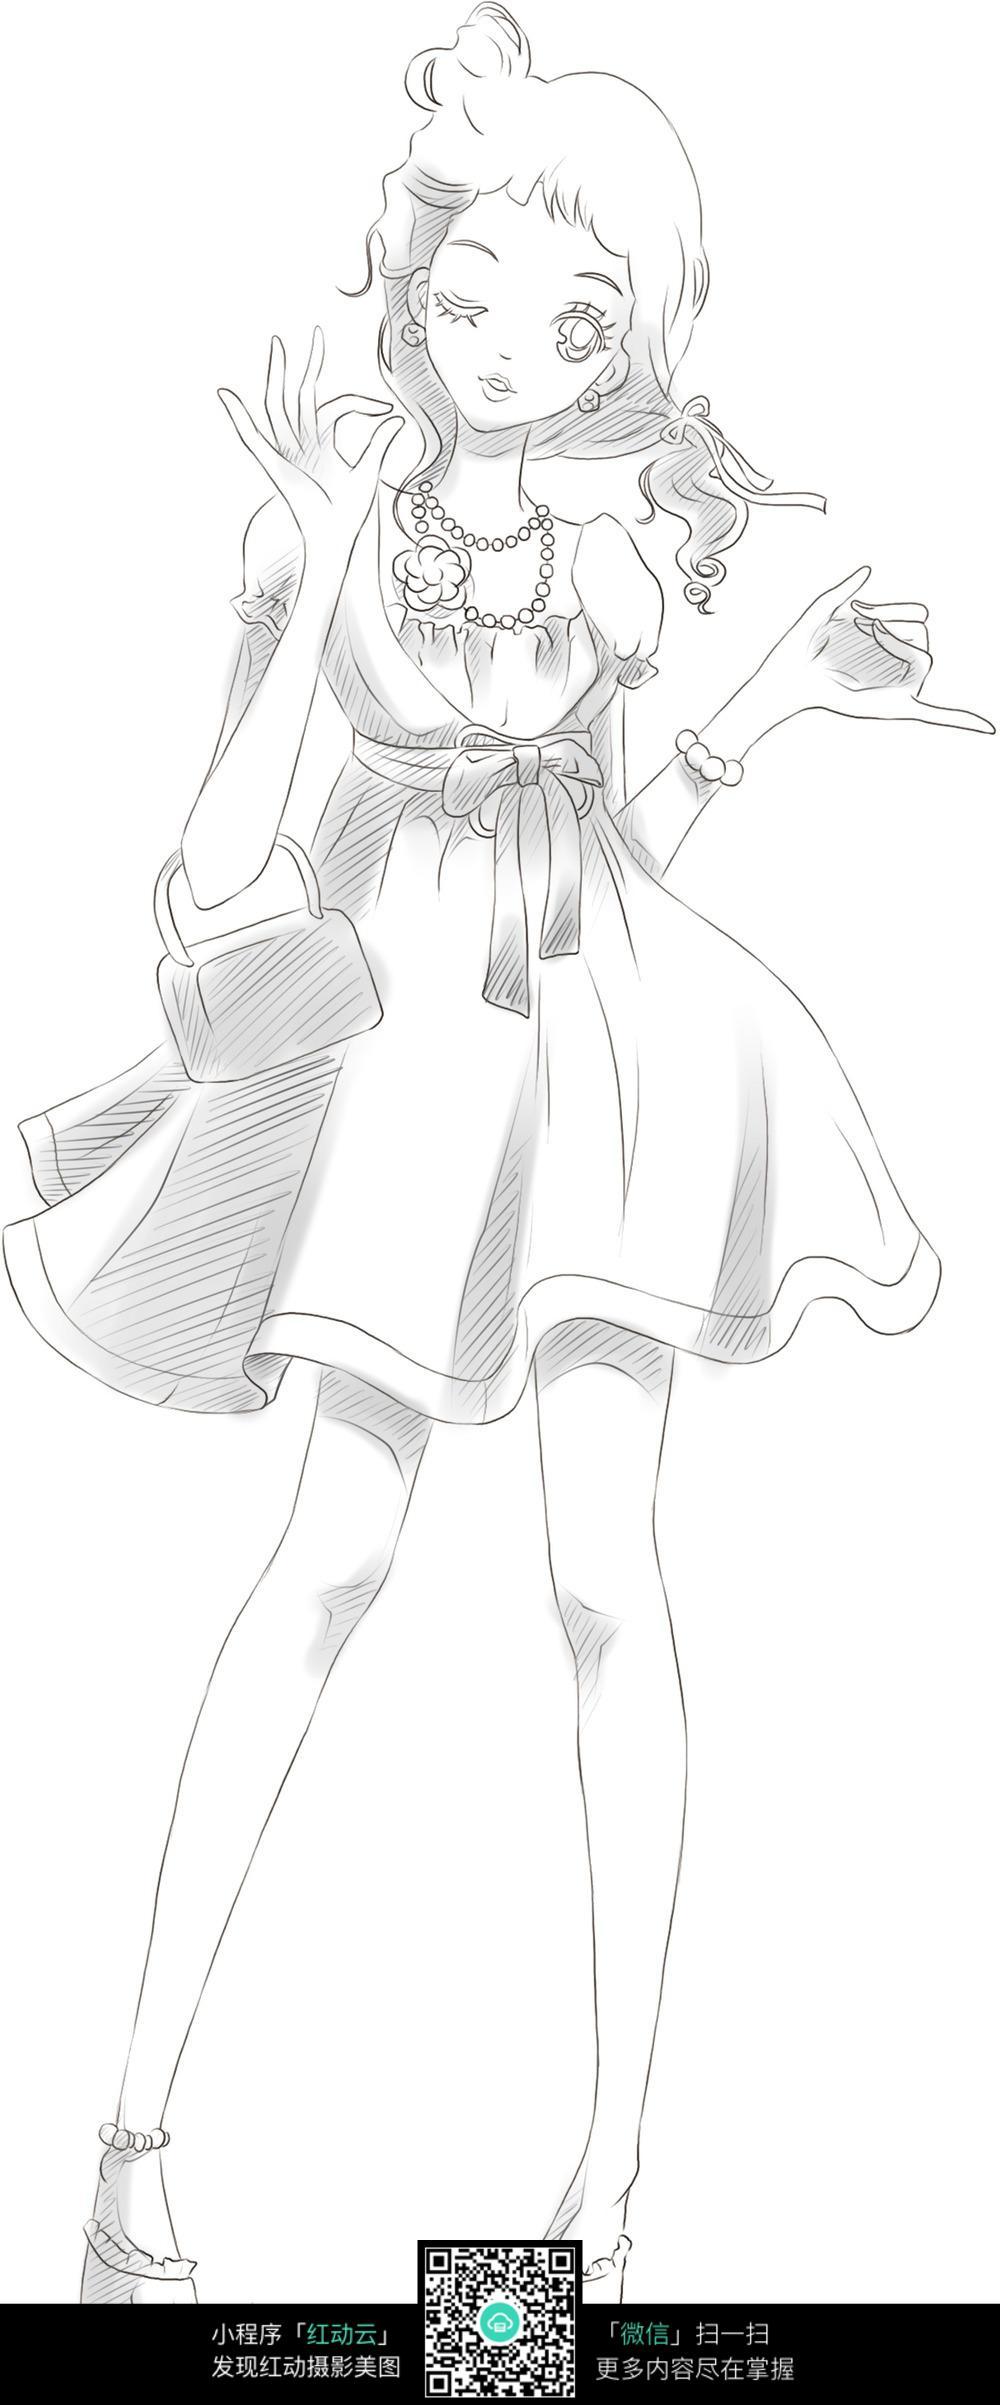 可爱女孩卡通手绘线稿_人物卡通图片